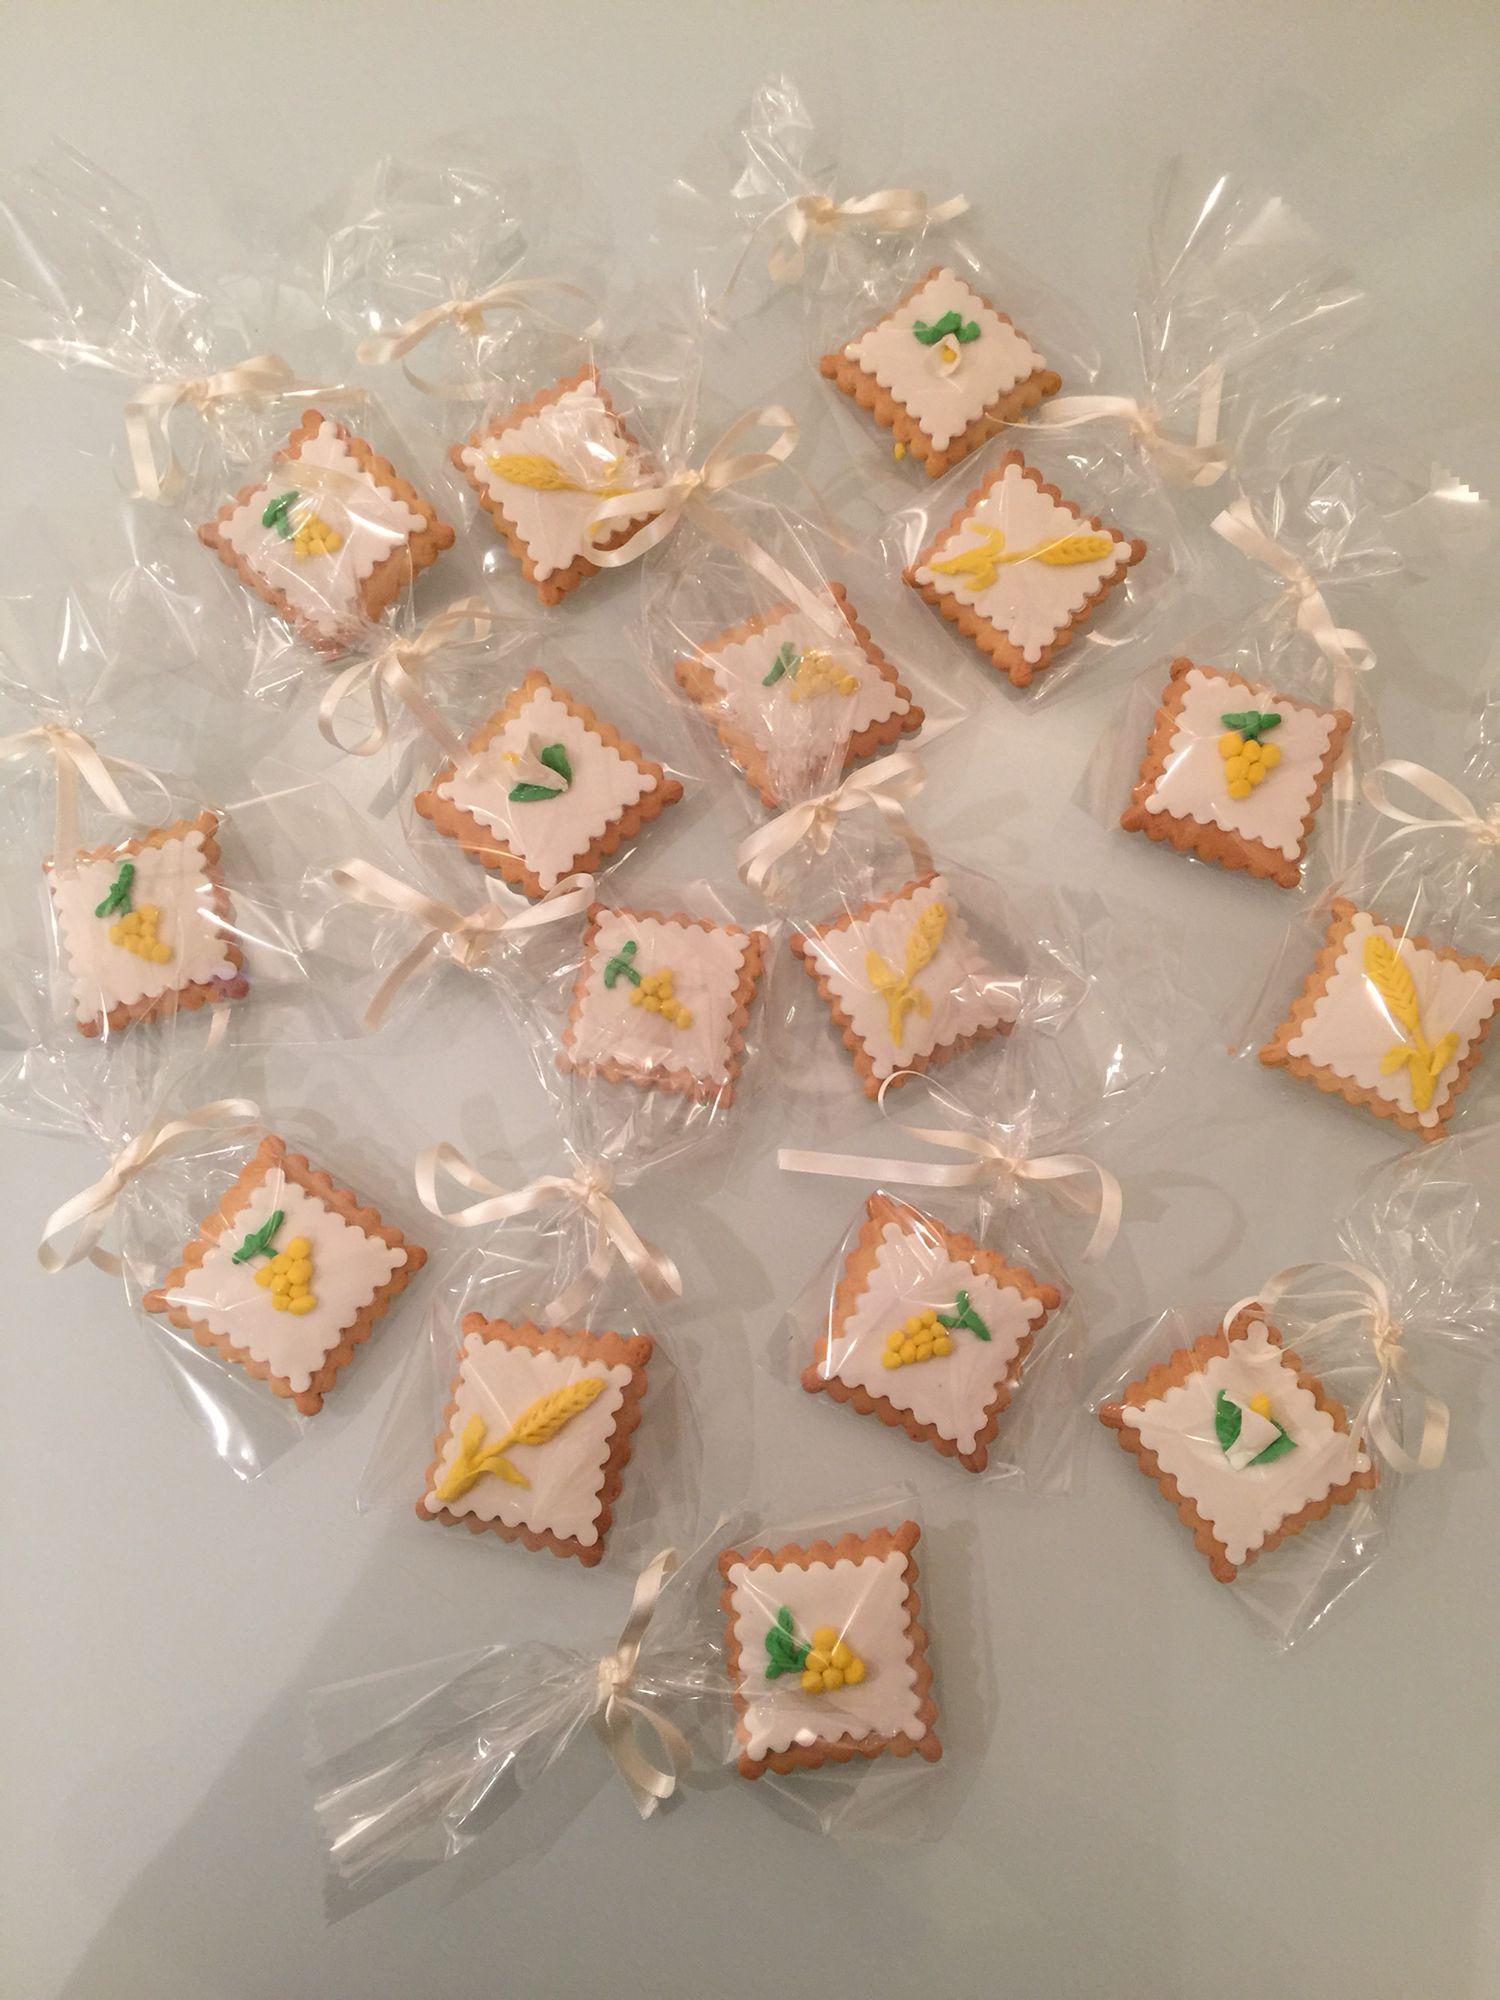 Biscotti \u0027 segnaposto\u0027 per Prima Comunione decorati con pasta di zucchero.